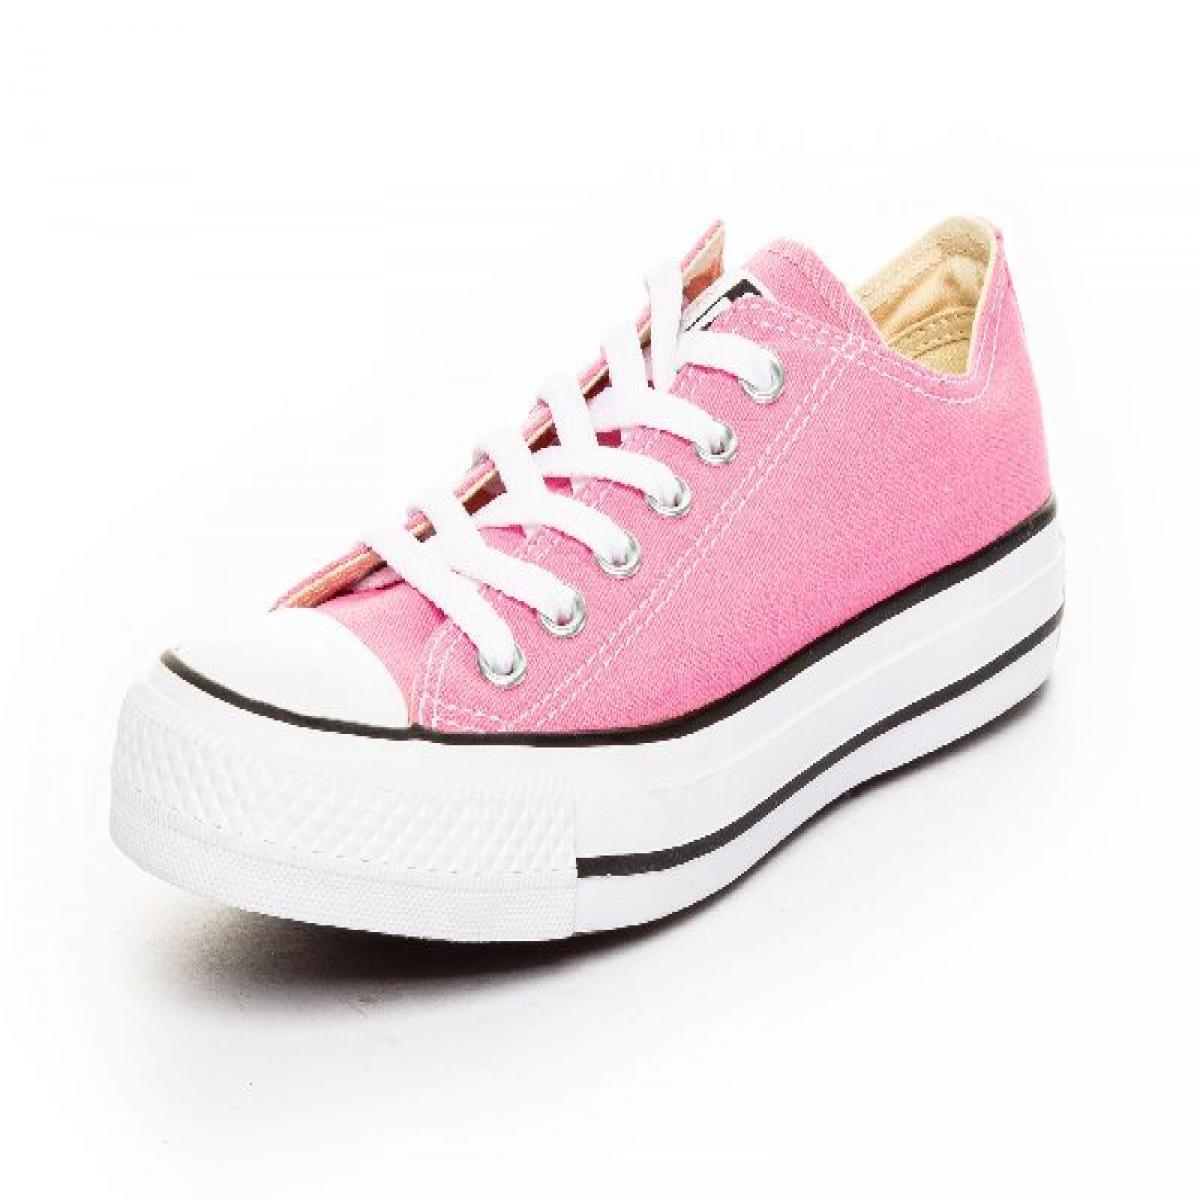 converse rosa mujer